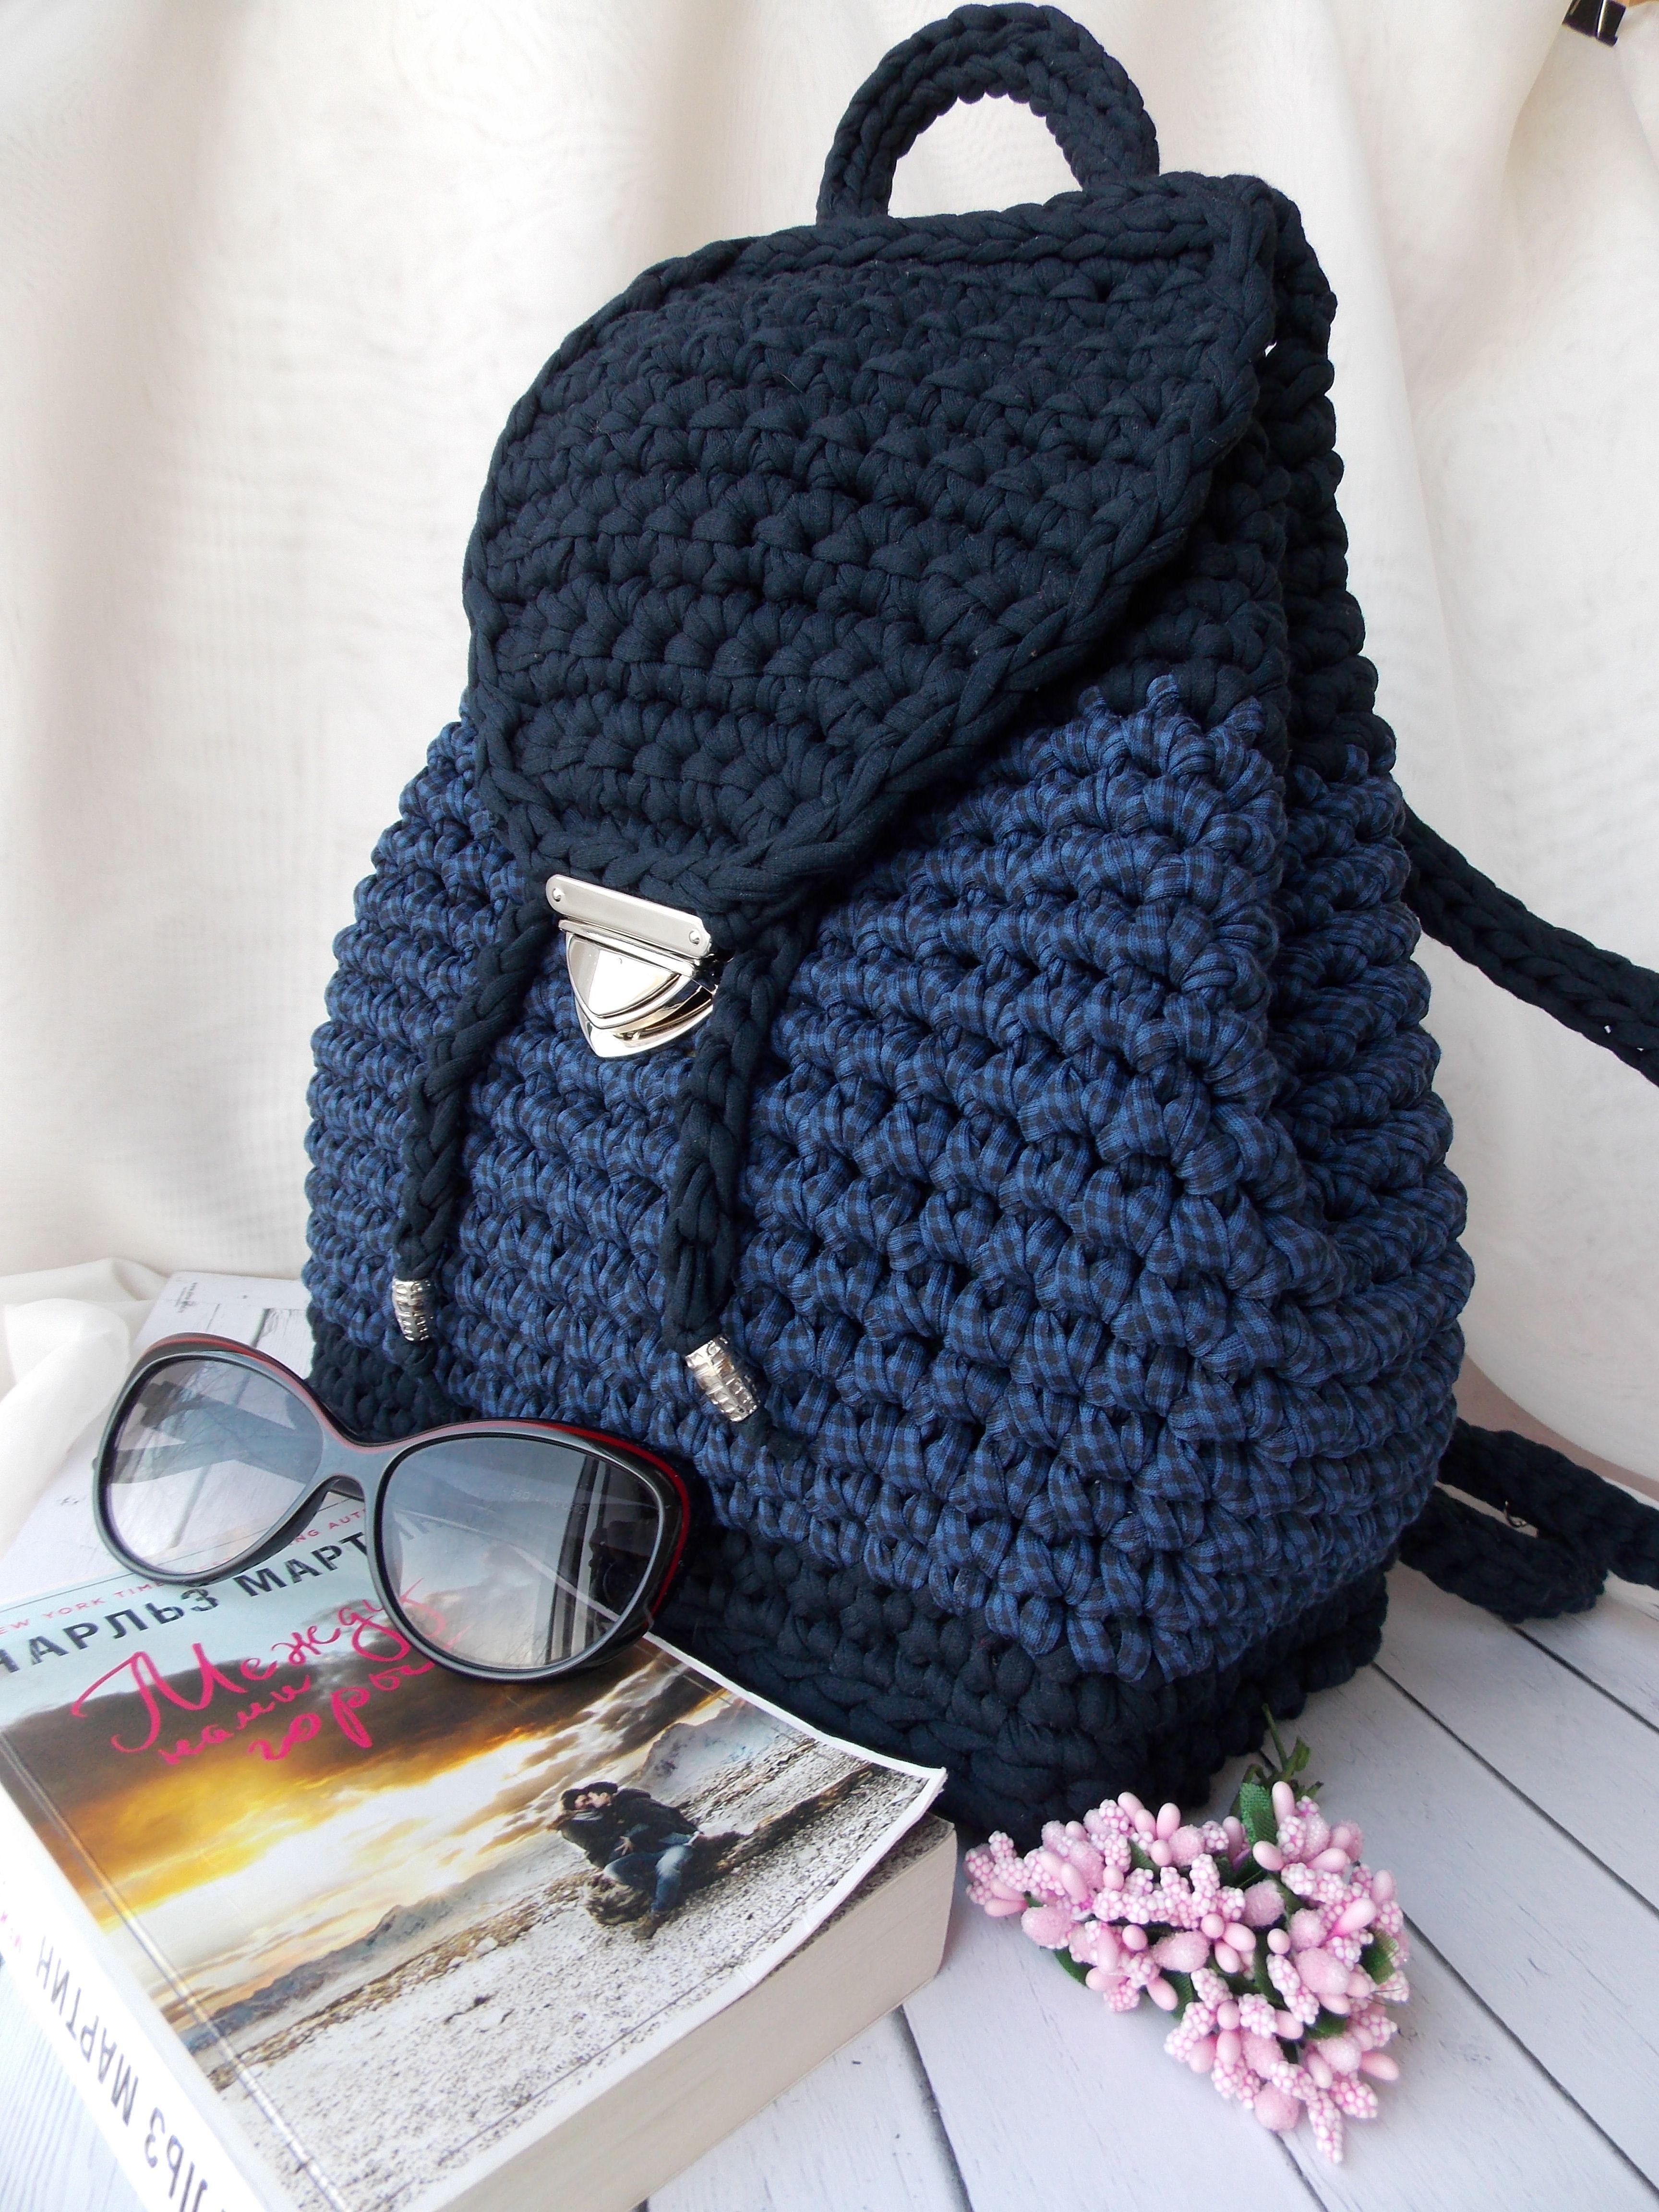 457de50fa69b Вязаный рюкзак из трикотажной пряжи, модный аксессуар этим летом ...